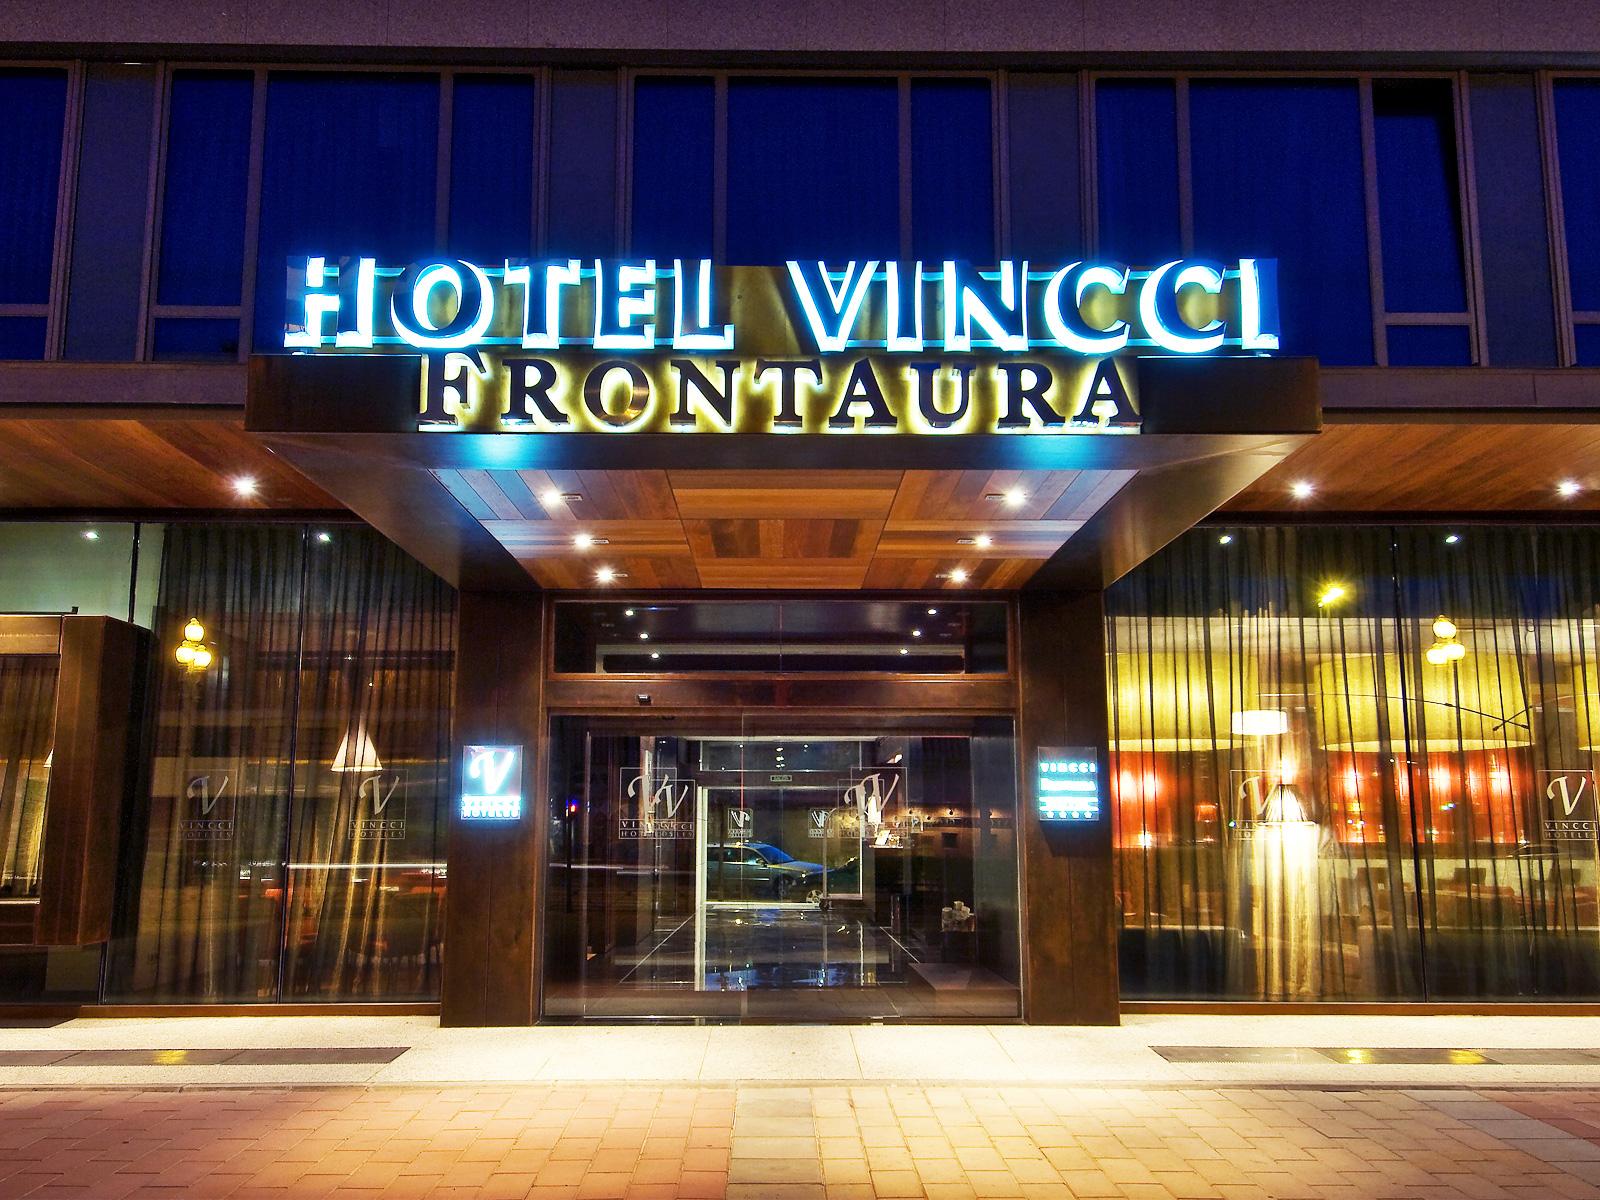 Fachada-Hotel Valladolid Frontaura - Vincci Hoteles